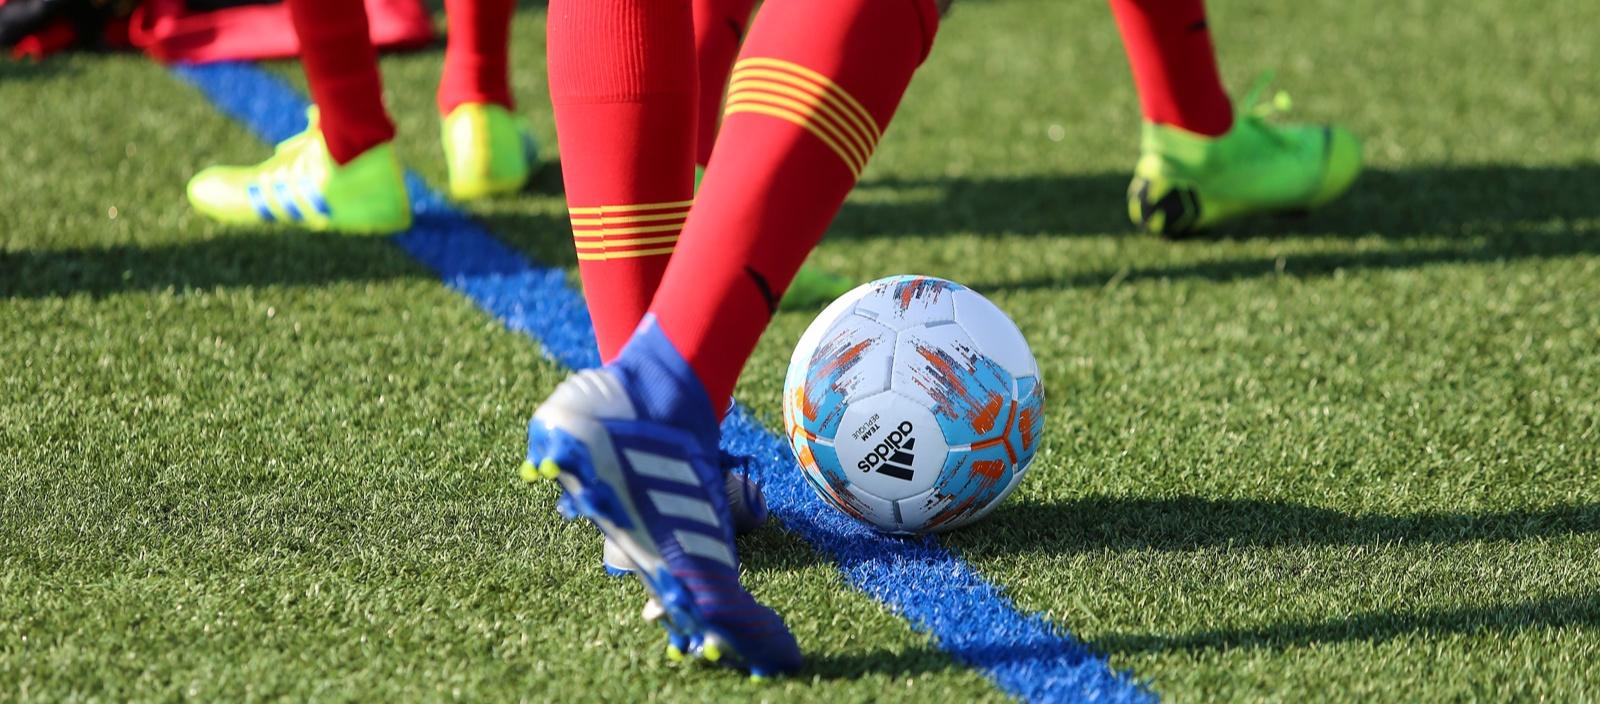 Agrupaciones provisionales de fútbol base de División de Honor, Preferente y Primera División